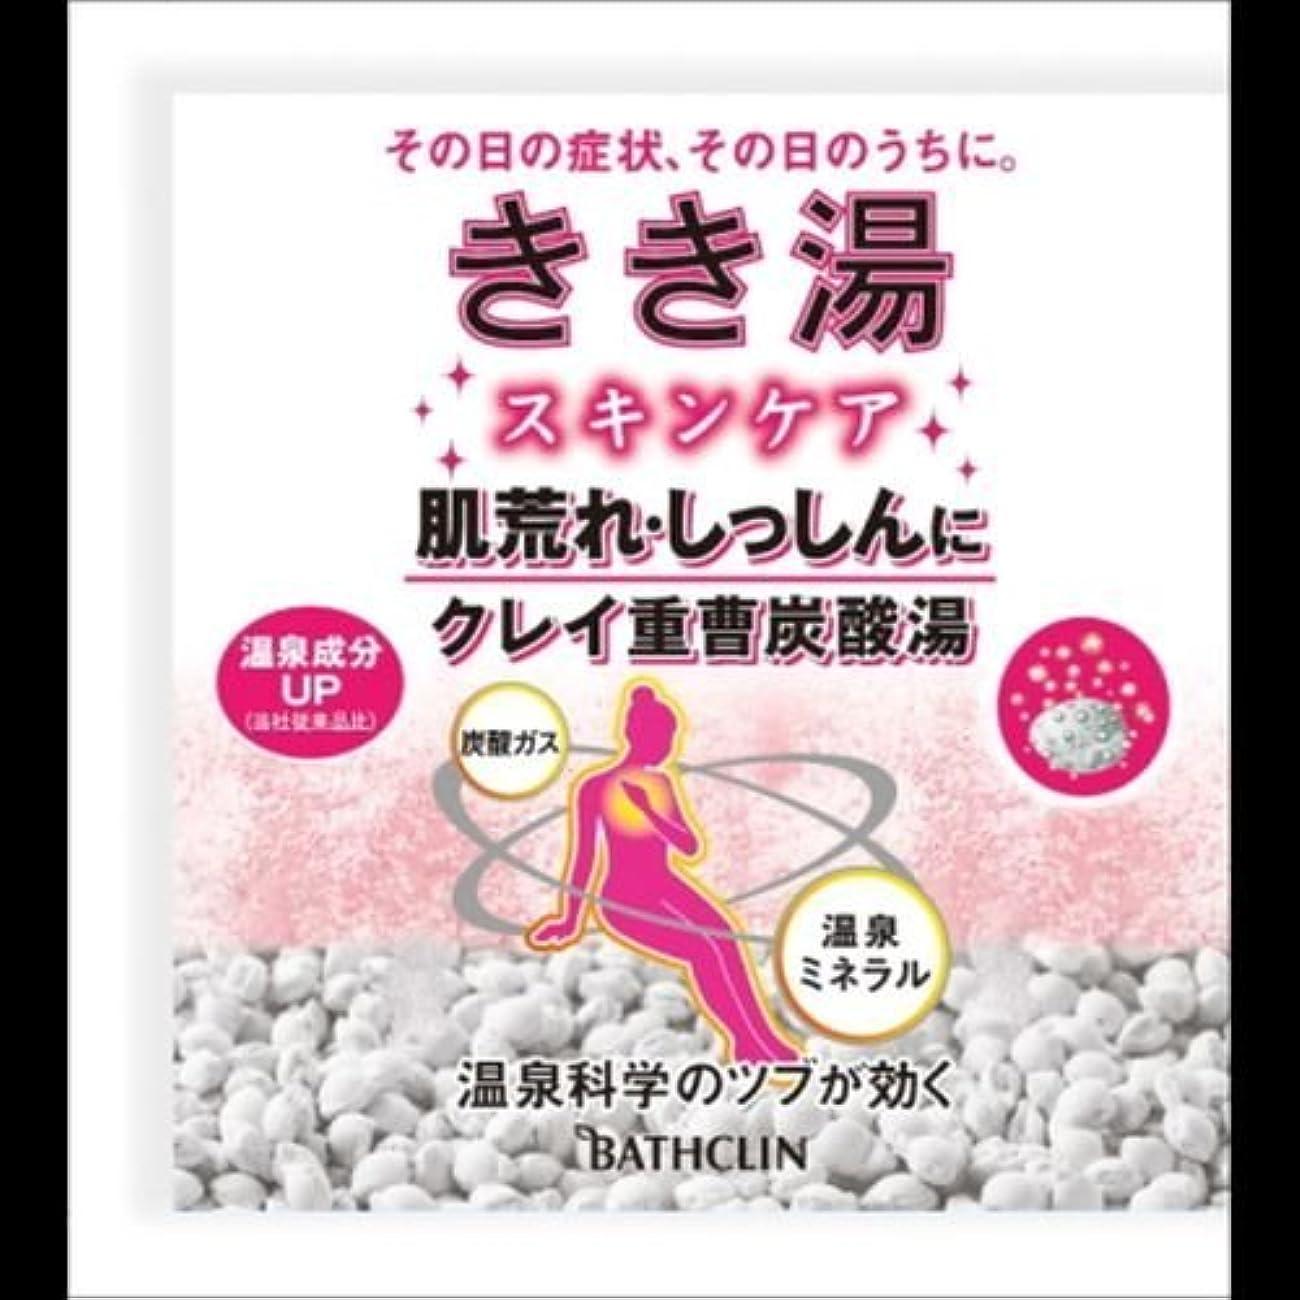 アスリート食欲代表する【まとめ買い】きき湯 クレイ重曹炭酸湯 30g(入浴剤) ×2セット